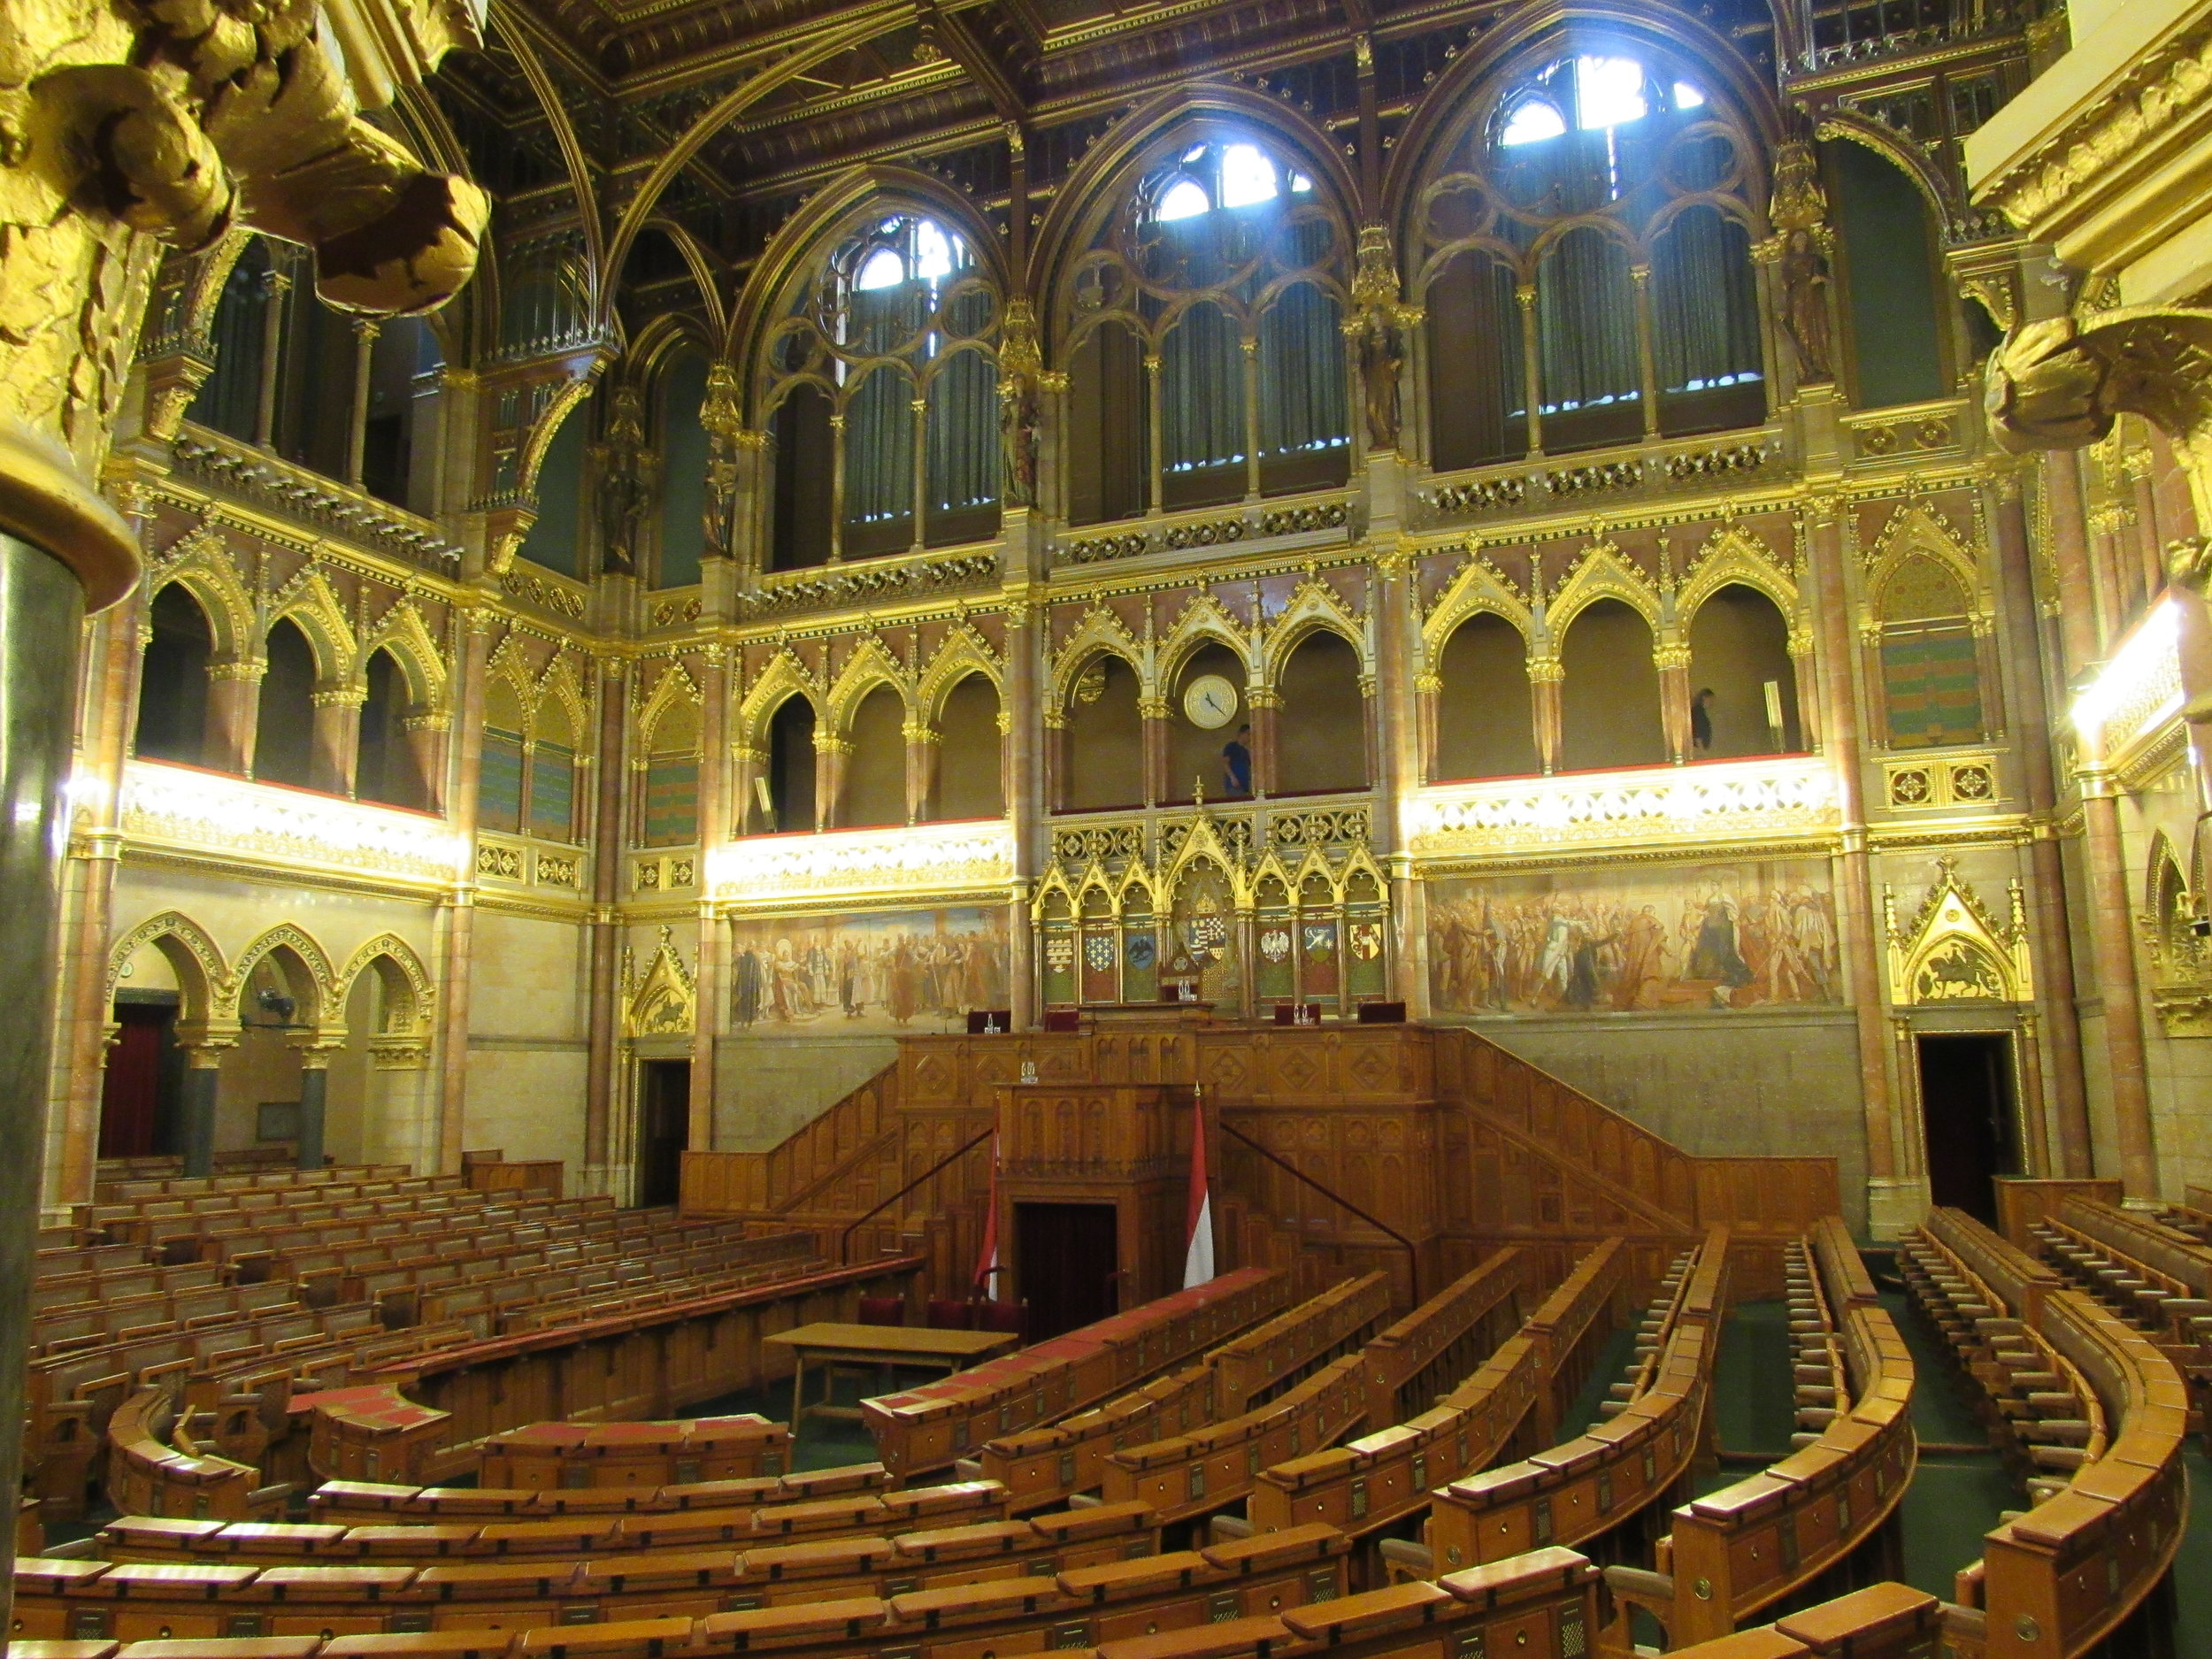 Ena od dvoran v madžarskem parlamentu